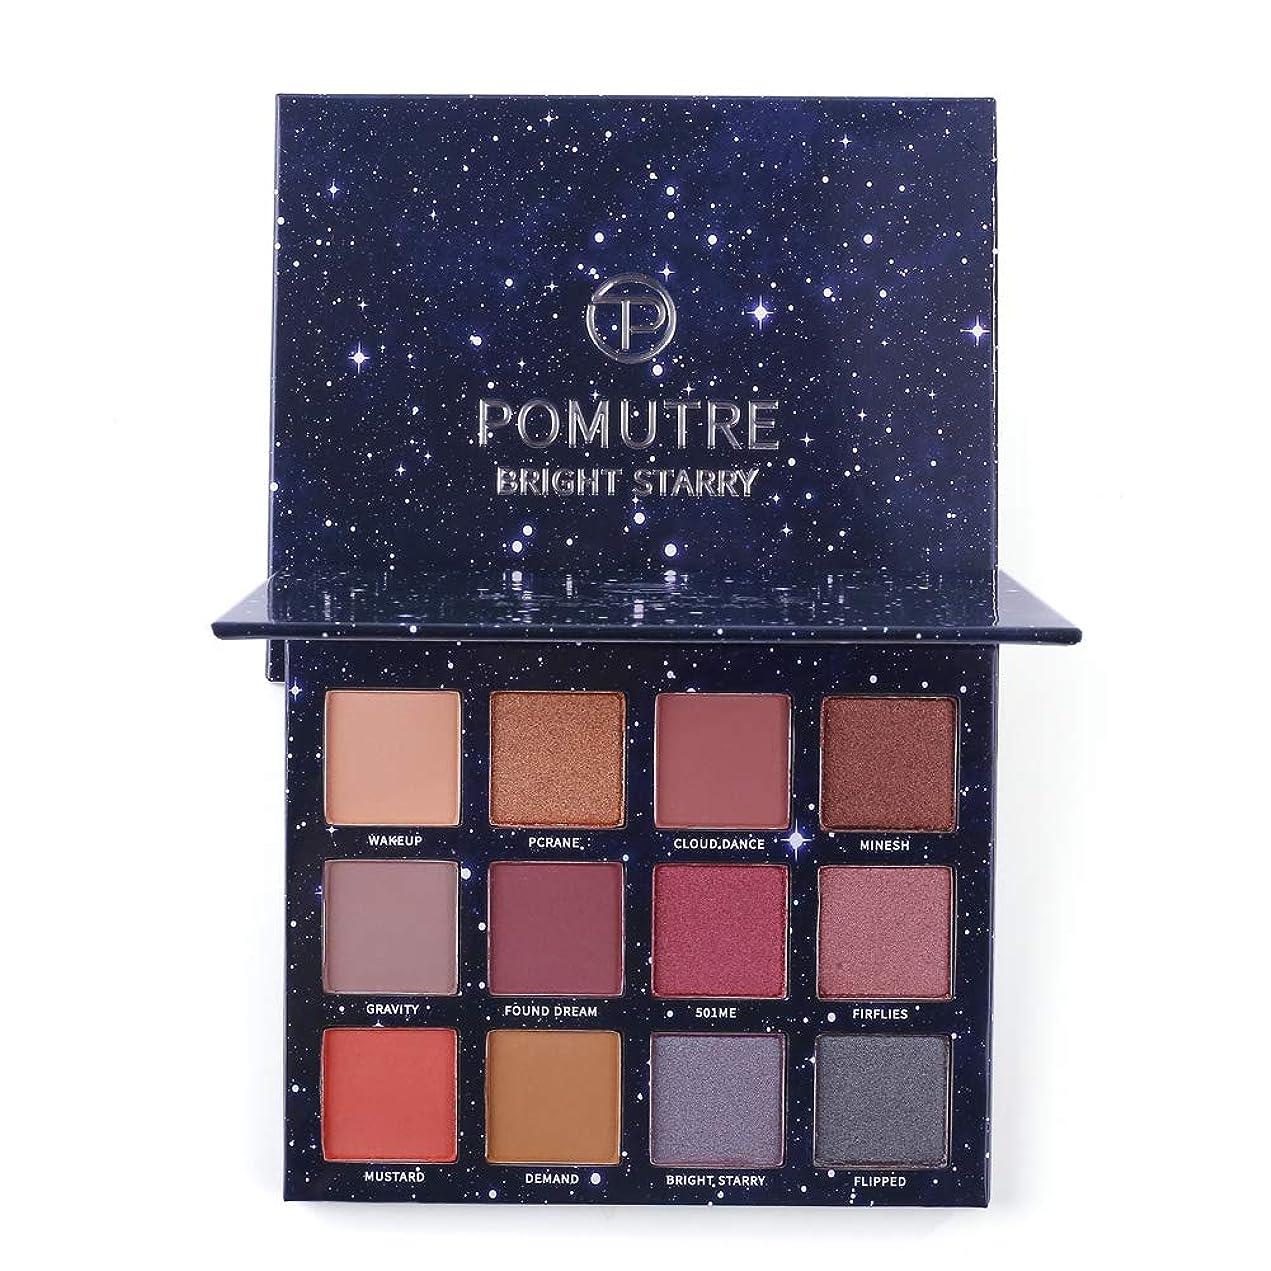 本土従順著名な明るい星空のメイクパレットオレンジピンク12色のアイシャドウパレットBae Matte Shimmer Maquiagem eyeshadow palette